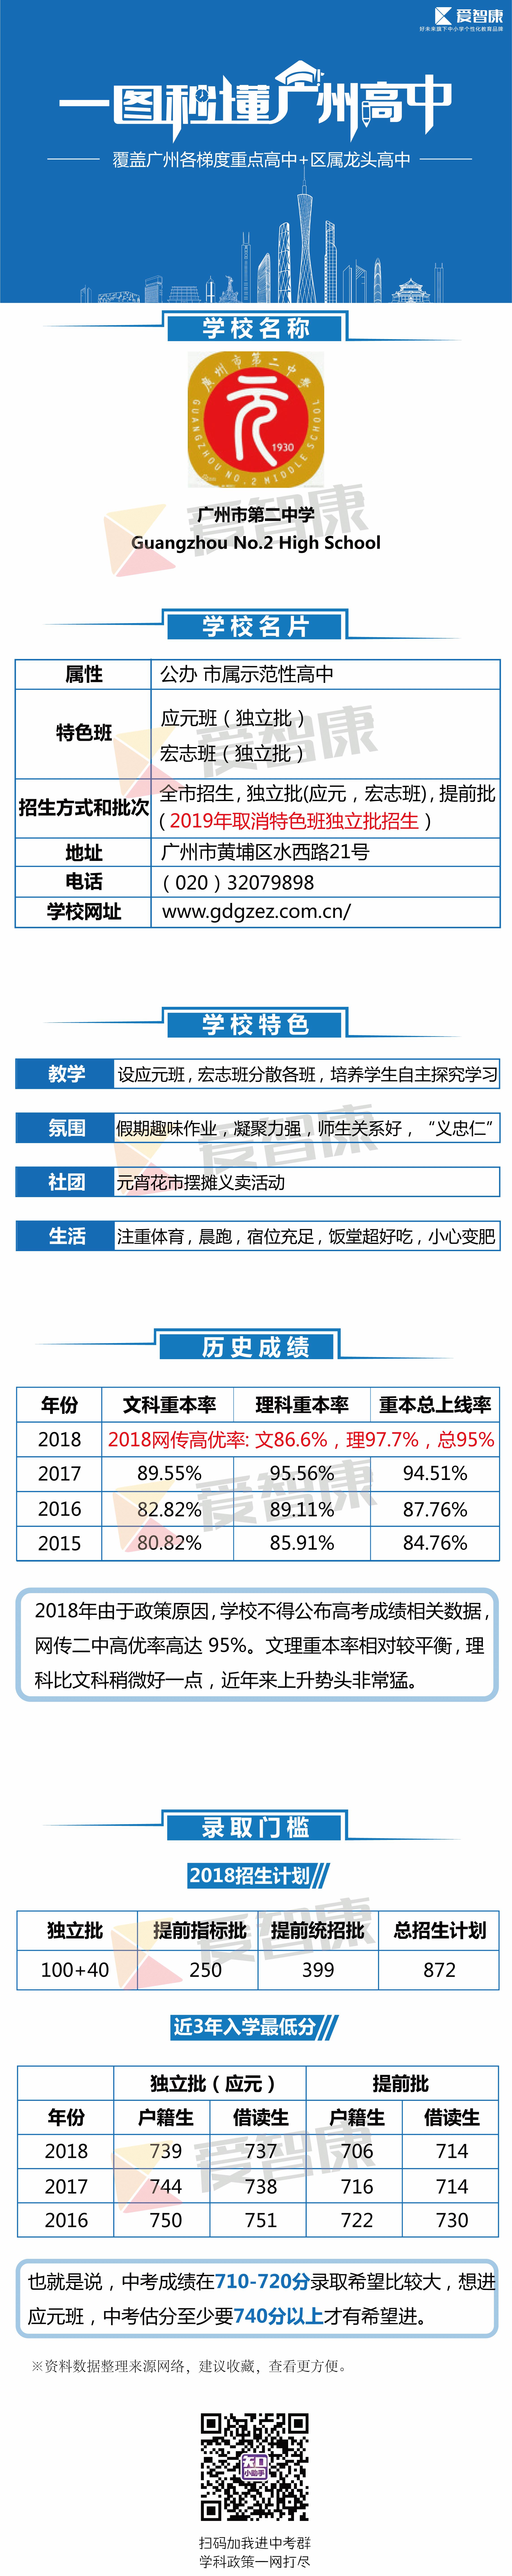 广东第二中学学习环境、历史成绩、录取分数